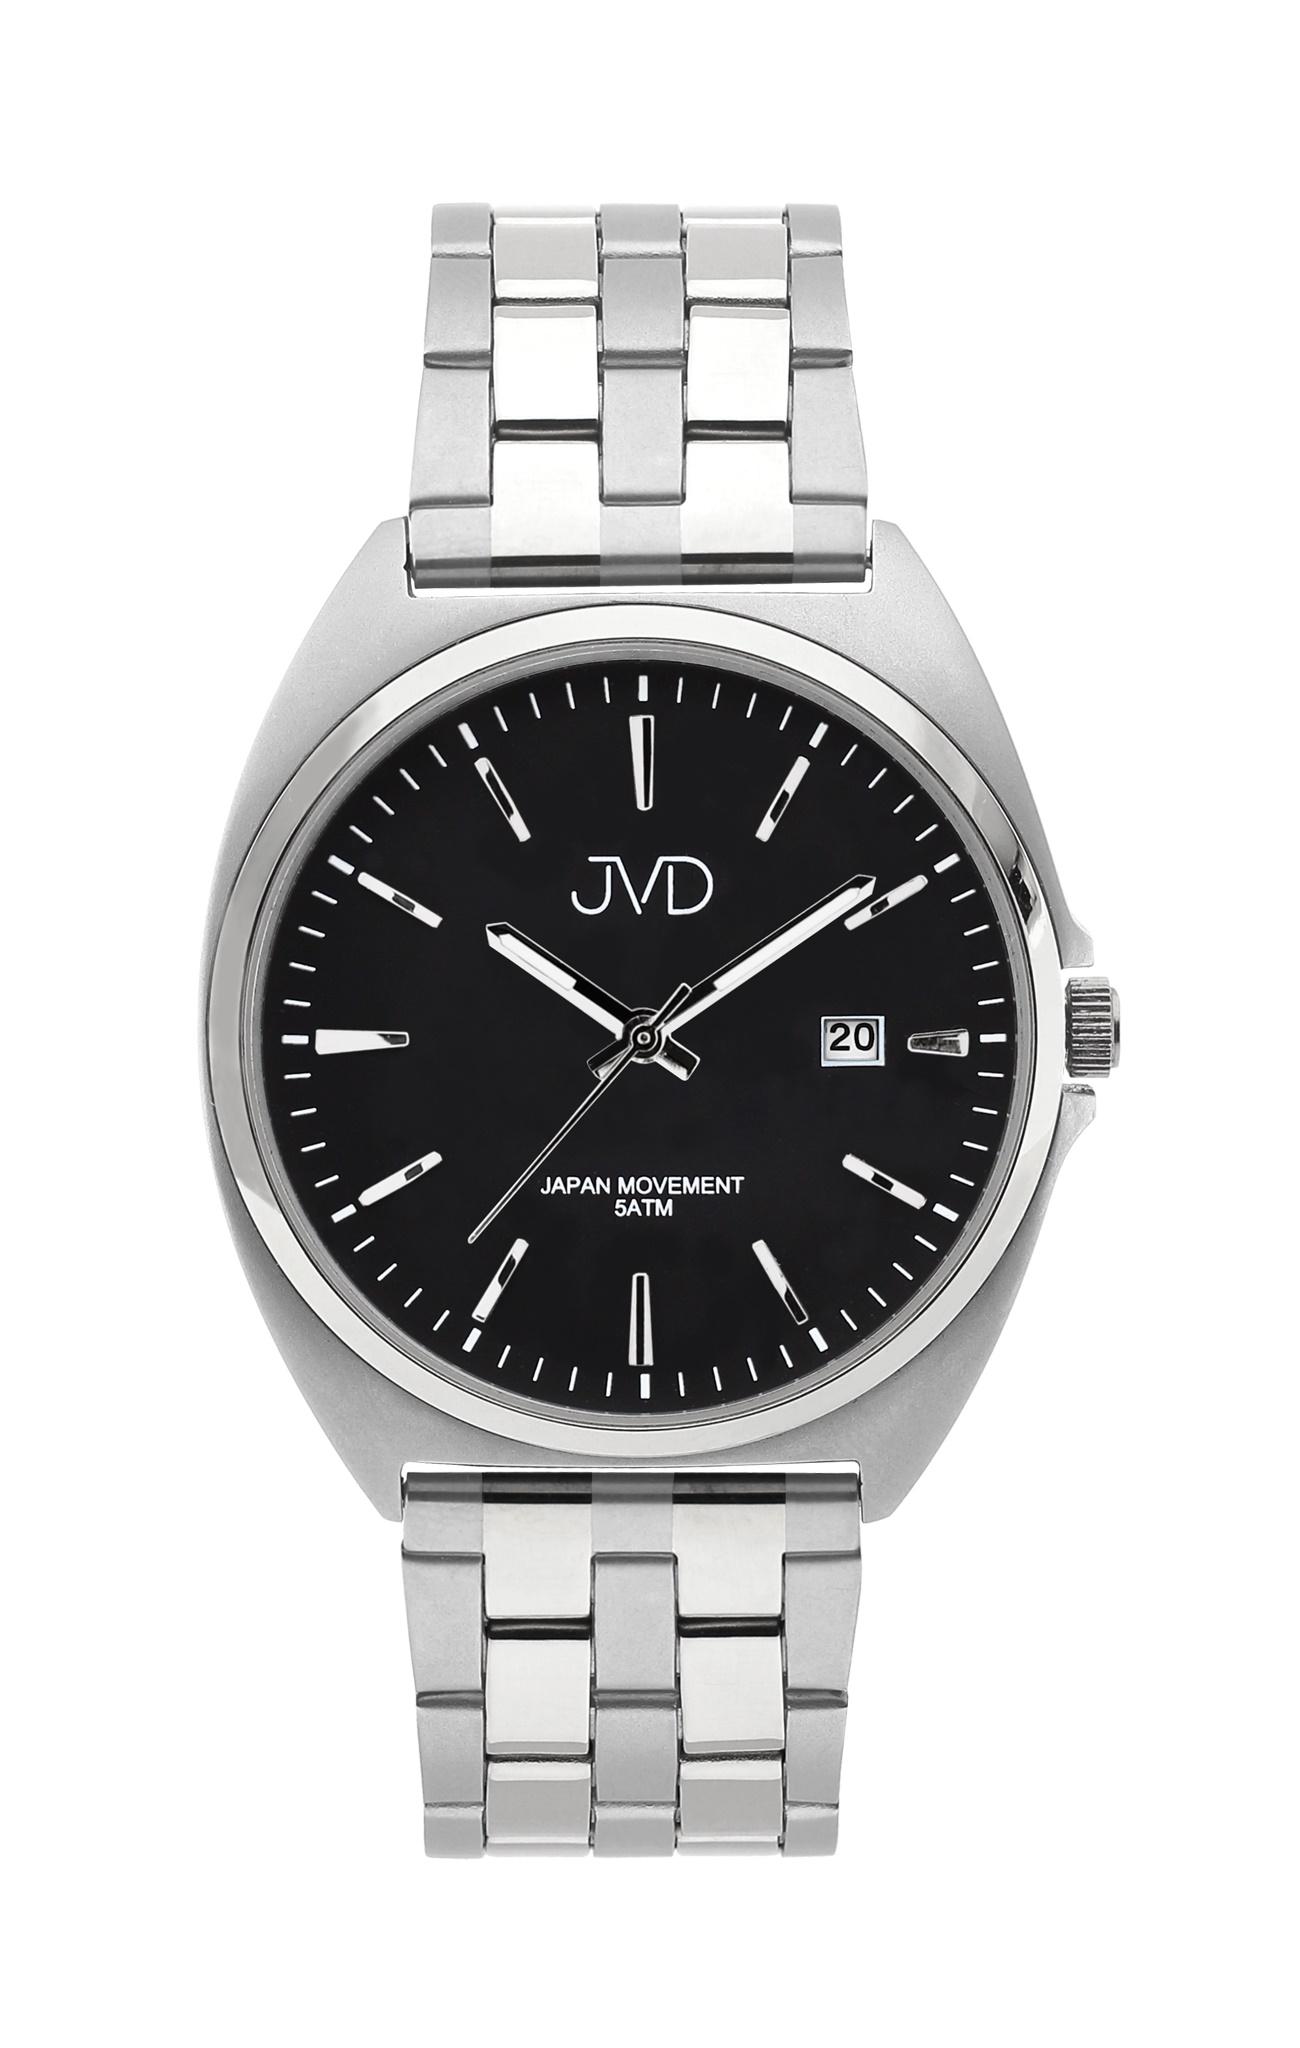 Pánské ocelové čitelné náramkové hodinky JVD J1115.1 - 5ATM (POŠTOVNÉ ZDARMA!!)